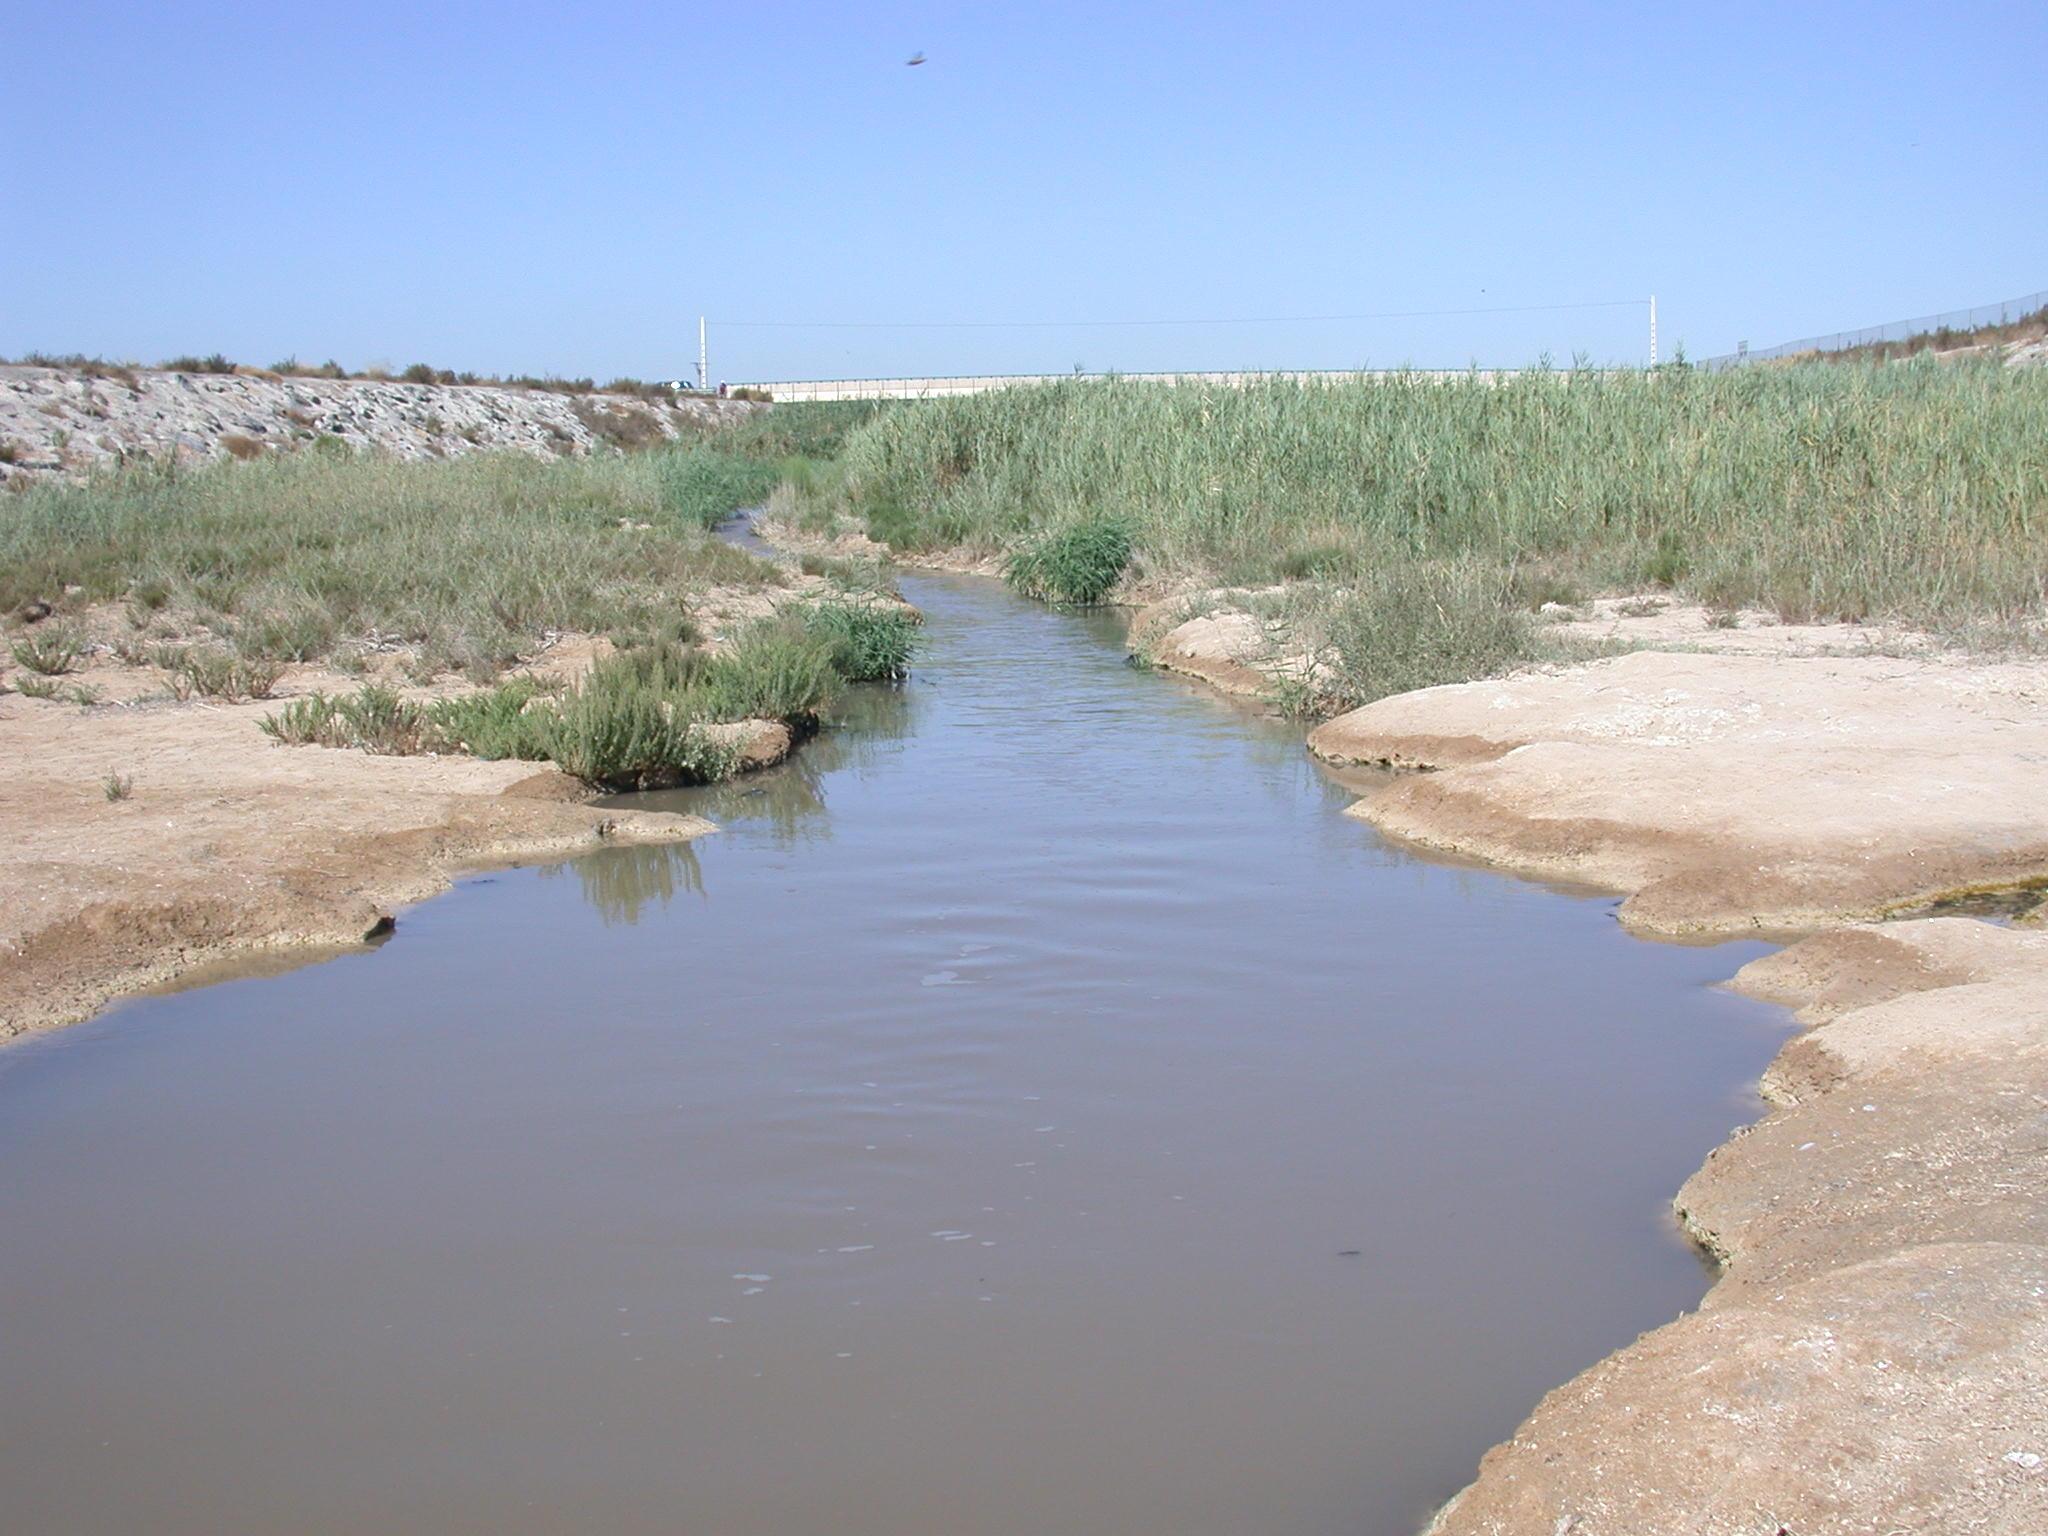 Rambla de Albujón, que ha aumentado su salinidad por efecto del vertido de las desalobradoras. Imagen: UMU